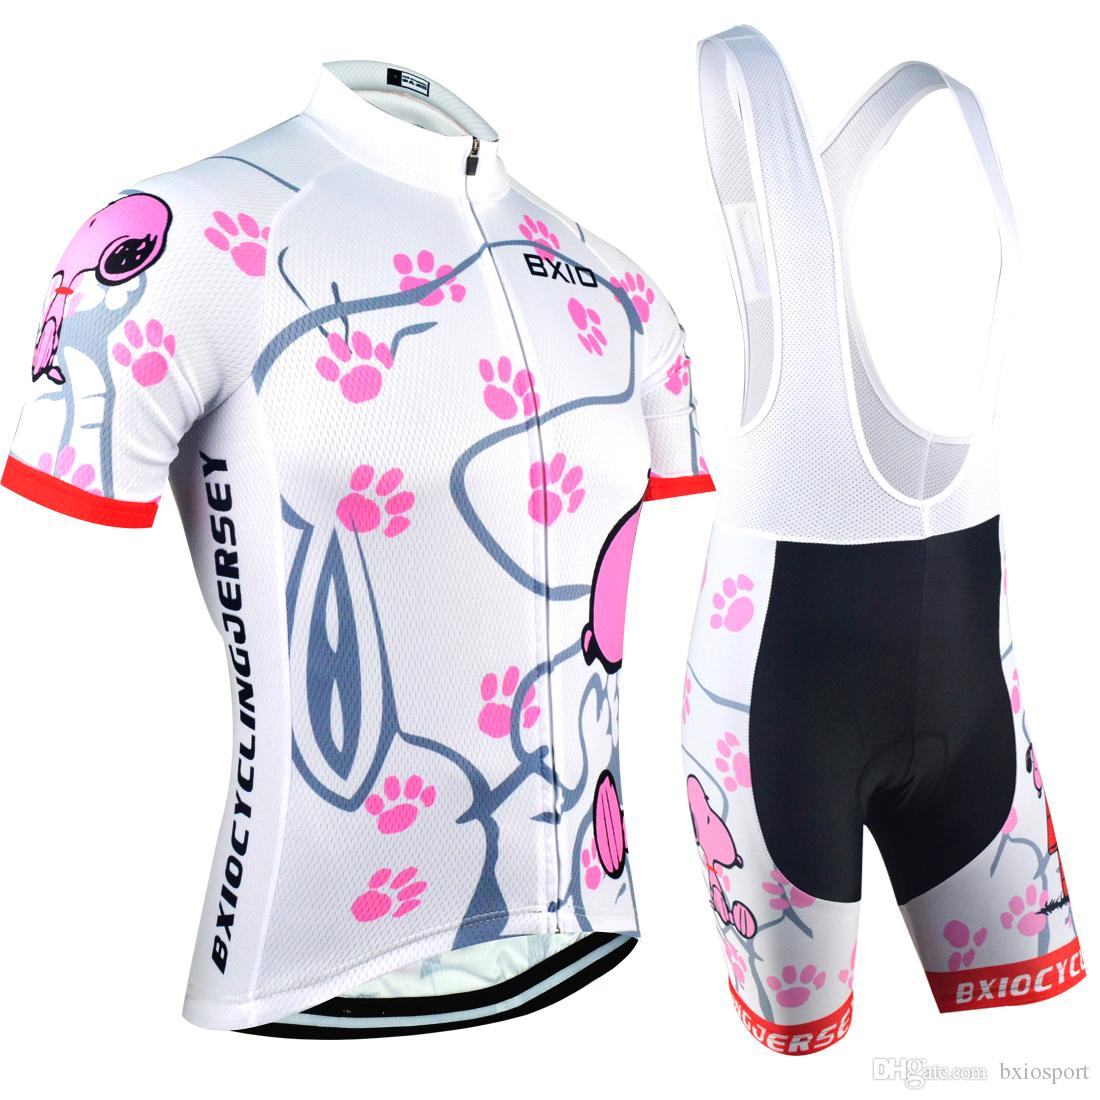 3031a8c81e63e BXIO Ciclismo Jerseys Mountain Road Bikes Ropa De Manga Corta Snoopy Womens  Cycling Jerseys Conjuntos De Verano De Secado Rápido Cycling Clothing BX  021 Por ...